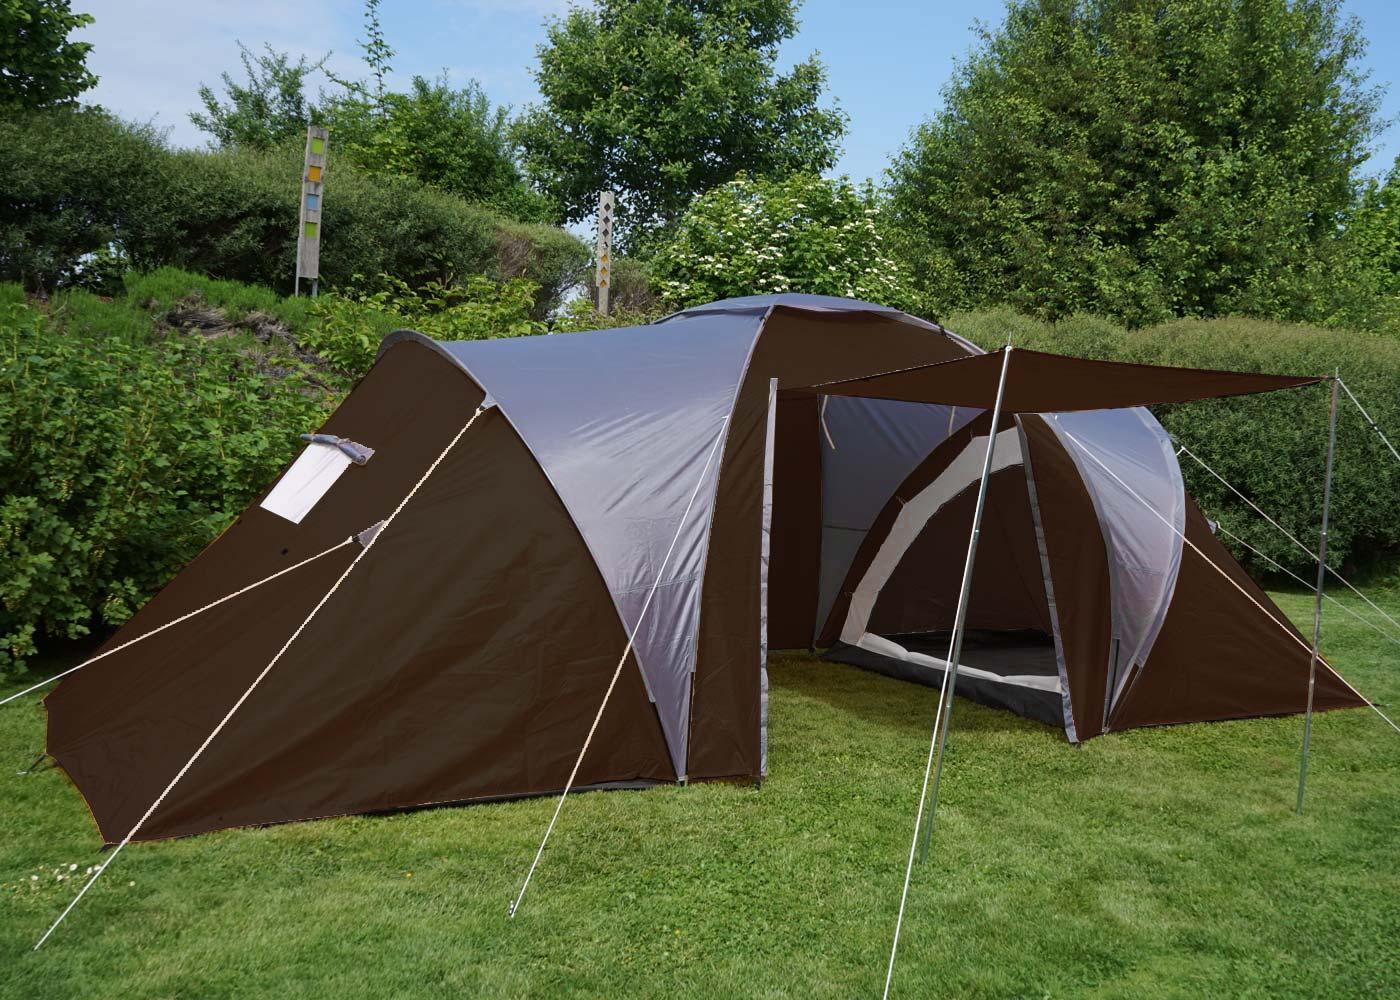 campingzelt loksa 6 mann zelt kuppelzelt igluzelt. Black Bedroom Furniture Sets. Home Design Ideas